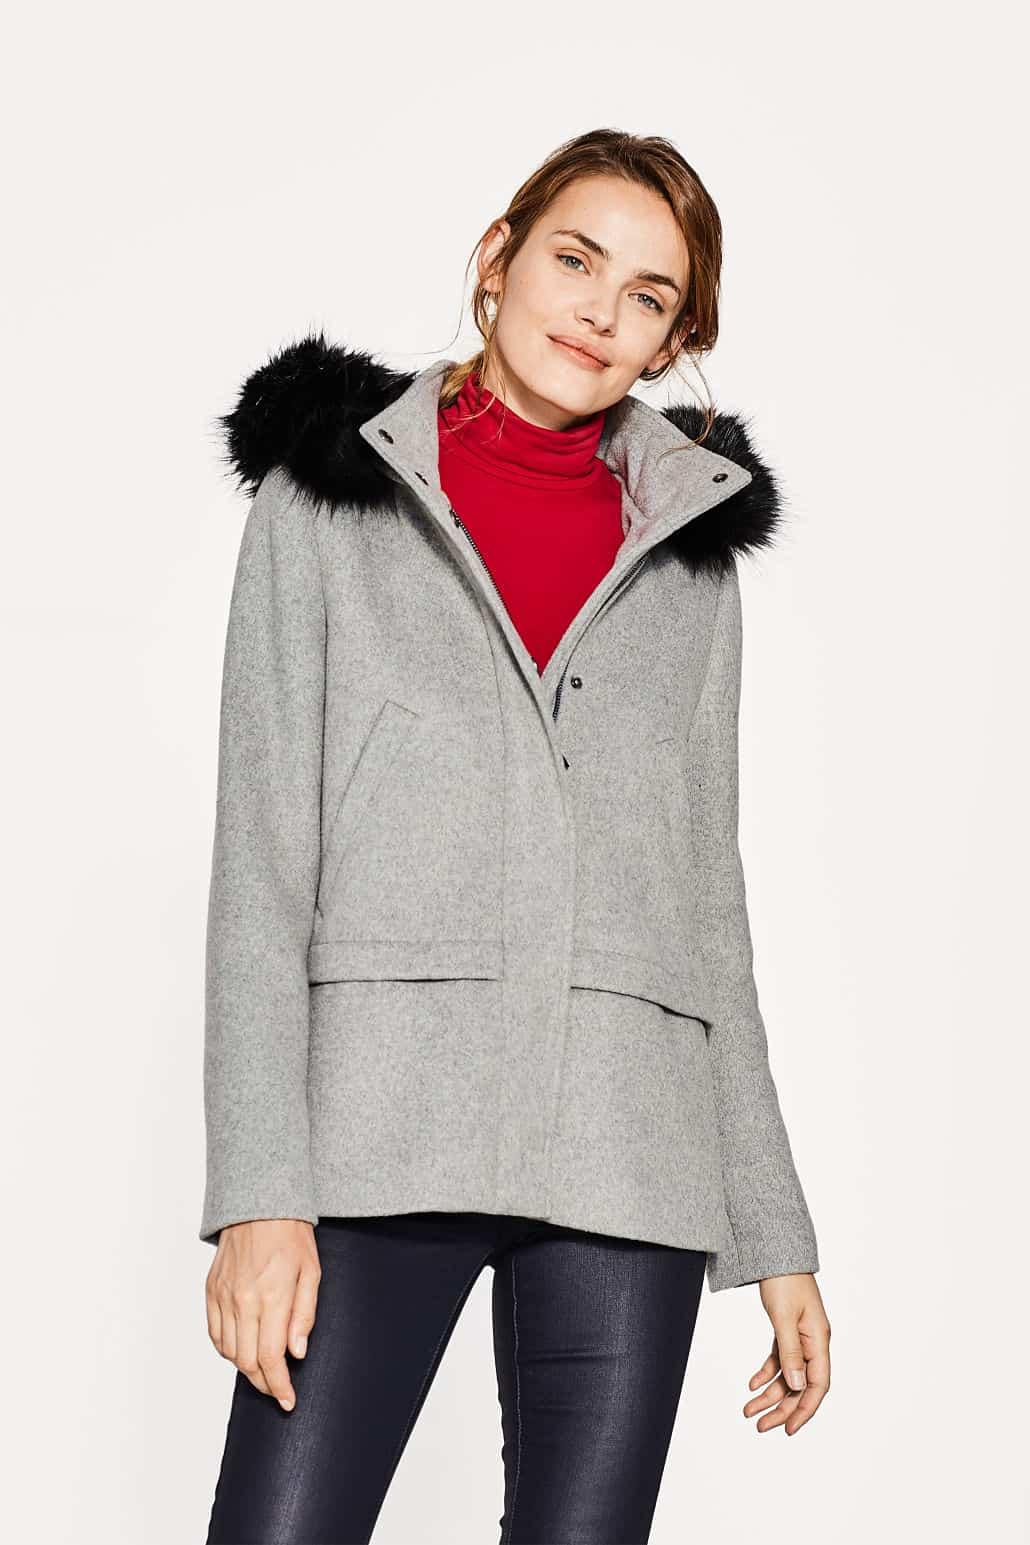 automne manteau esprit